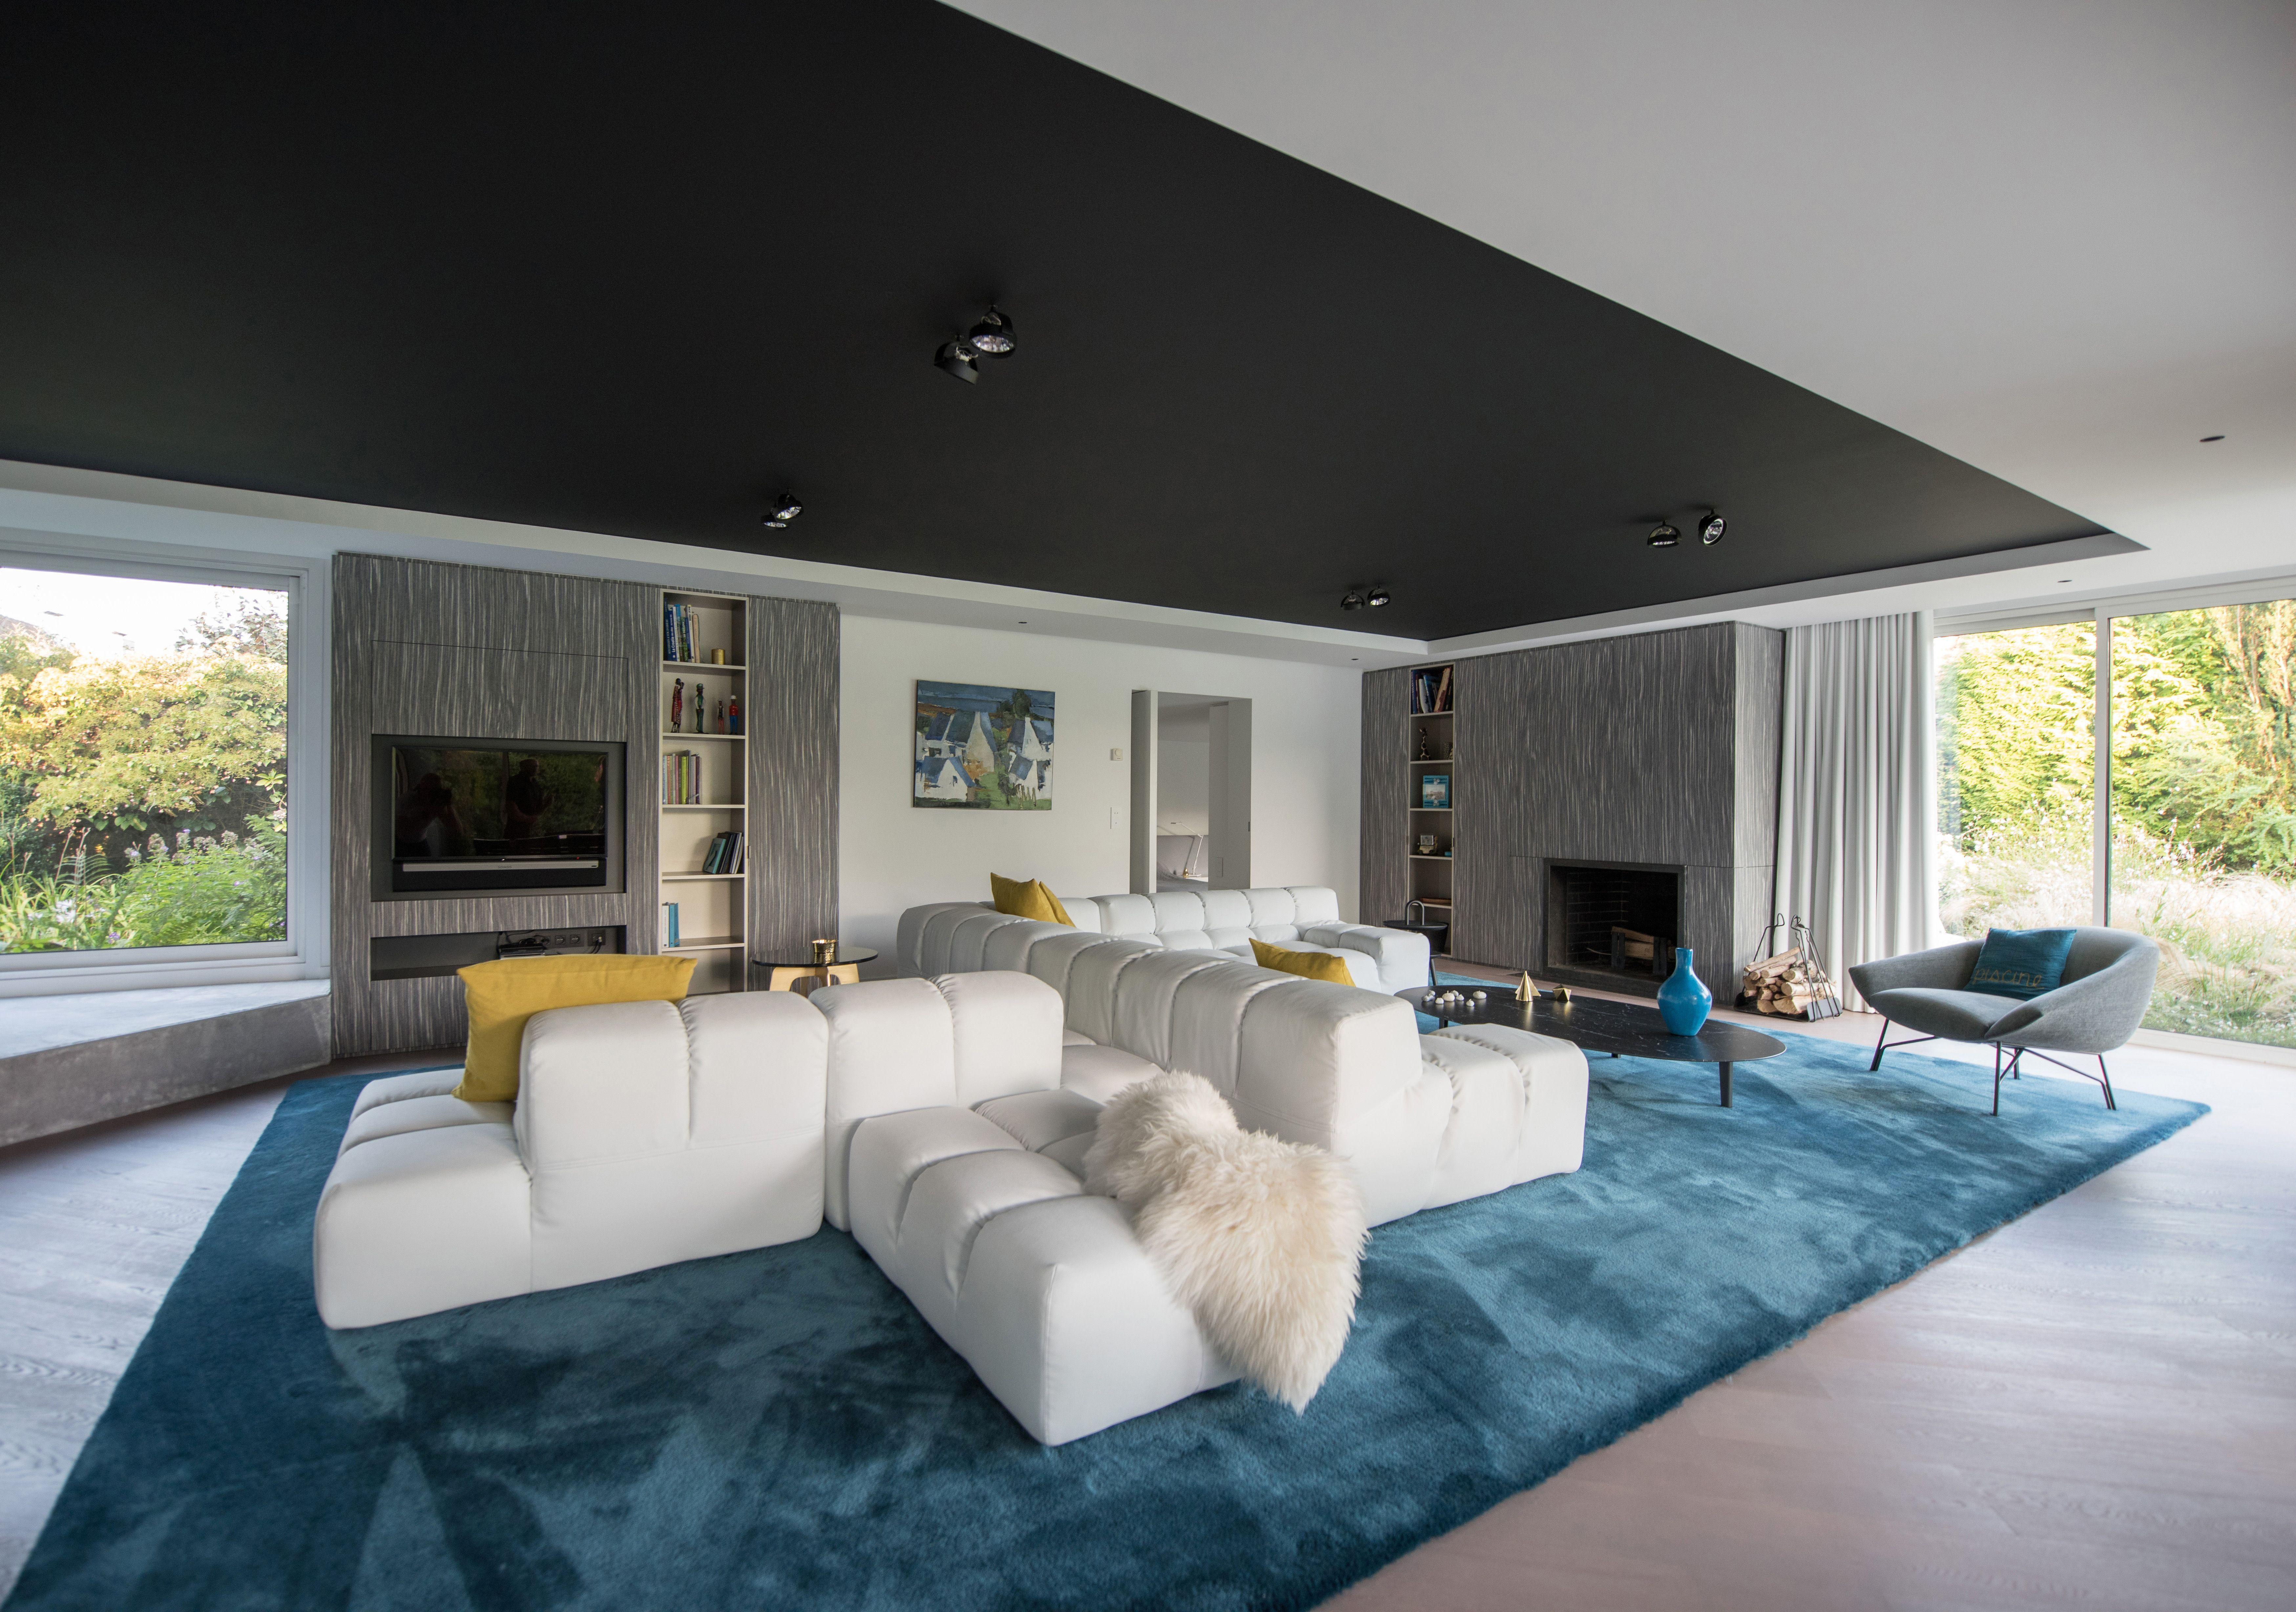 Maison Moderne Contemporain D Coration Design Salon Fauteuil Lema Lennox